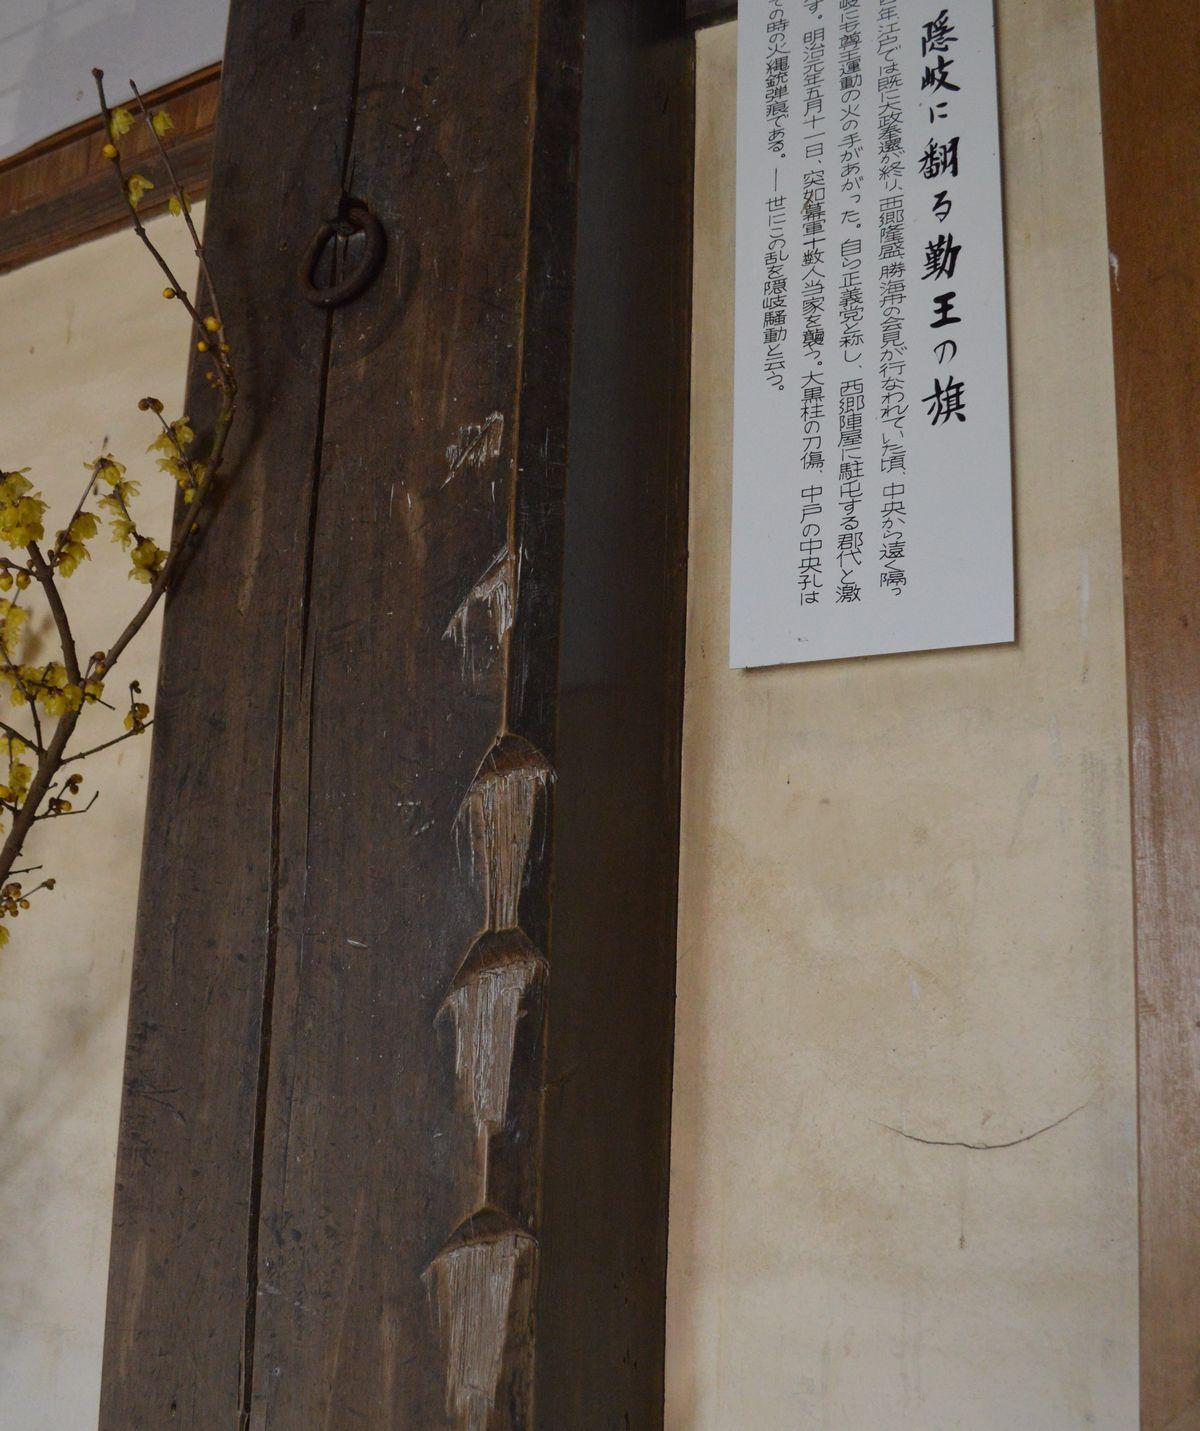 写真・図版 : 隠岐騒動で「島後」の島民に反撃する松江藩兵が神社の宮司の家を襲い、柱につけた刀傷とされる跡=2月2日、島根県隠岐の島町下西。藤田撮影